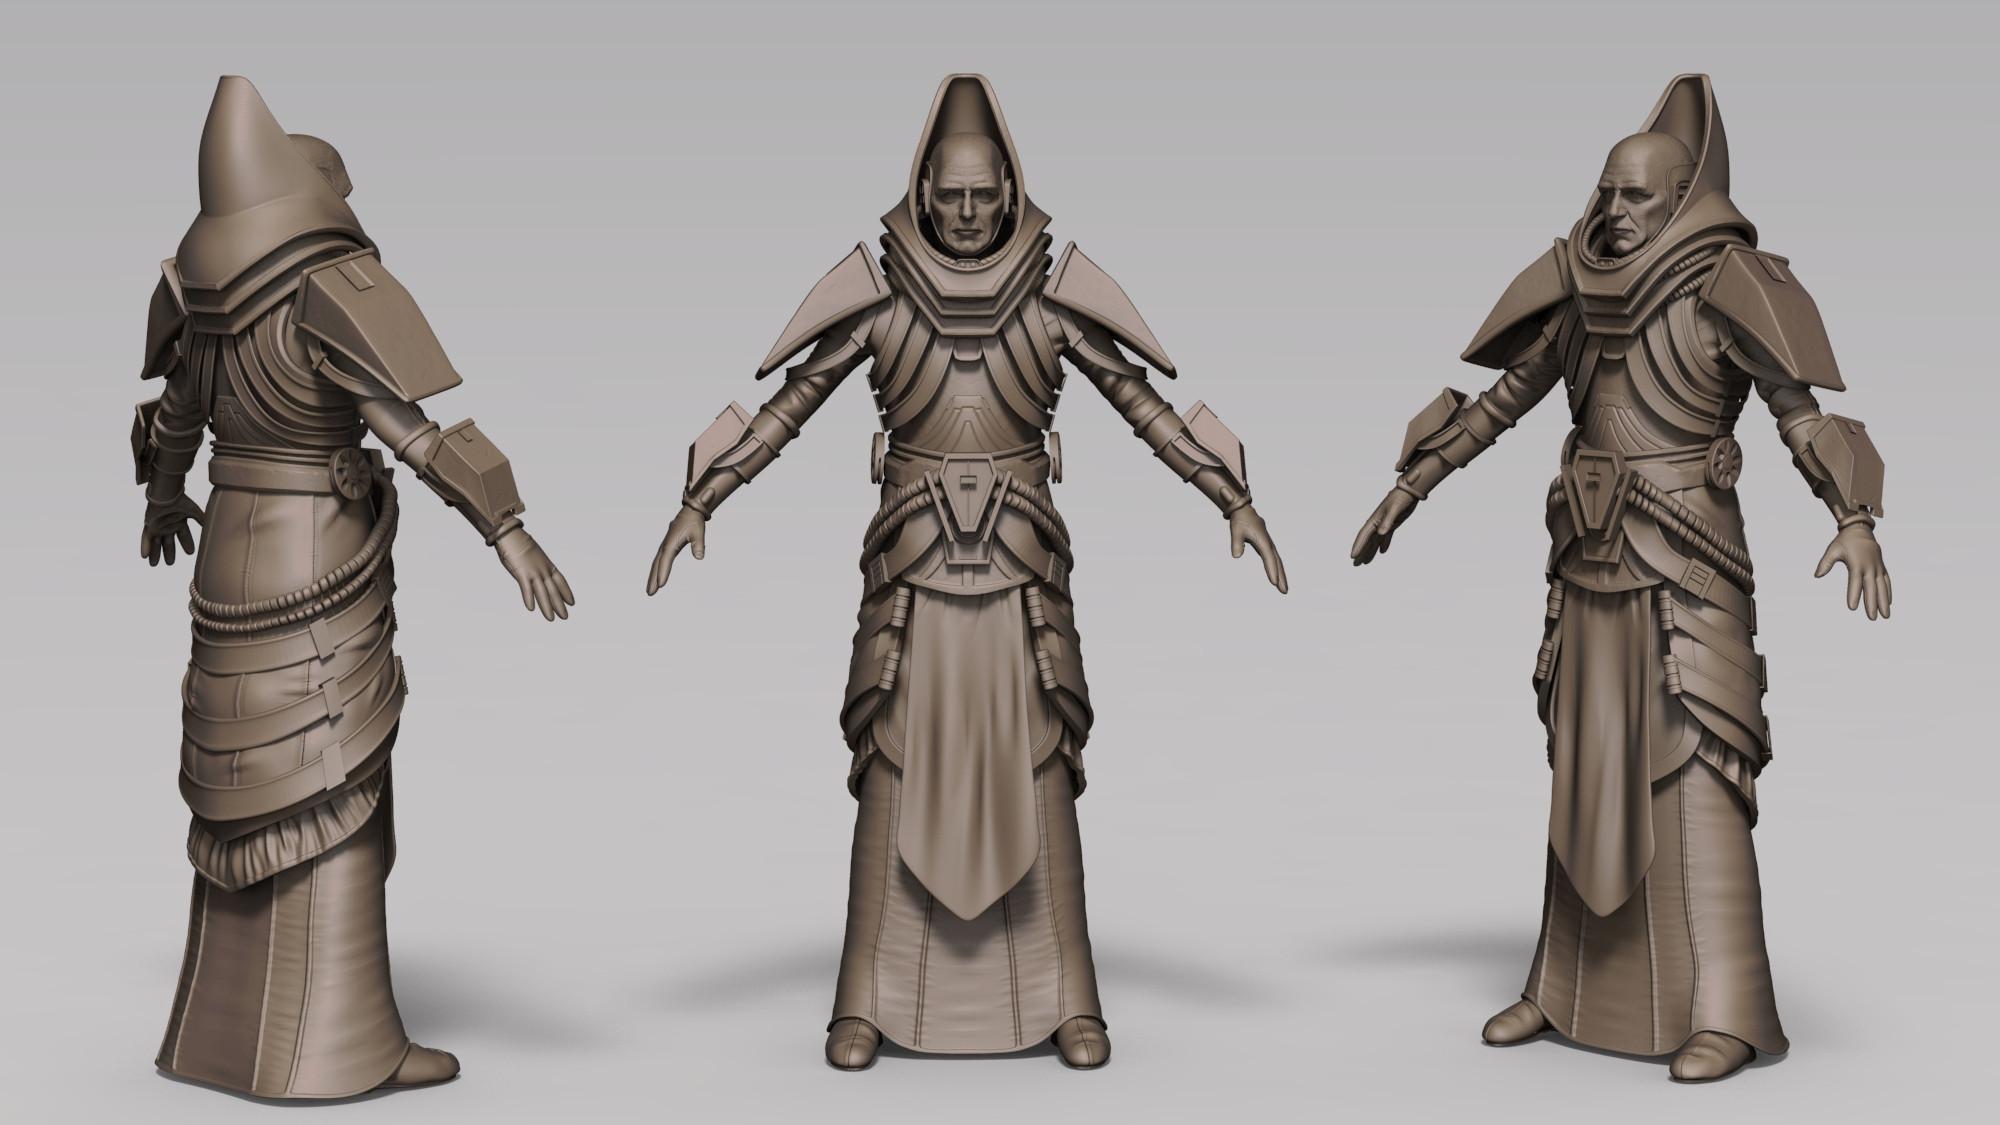 Keyshot render - hirez sculpt